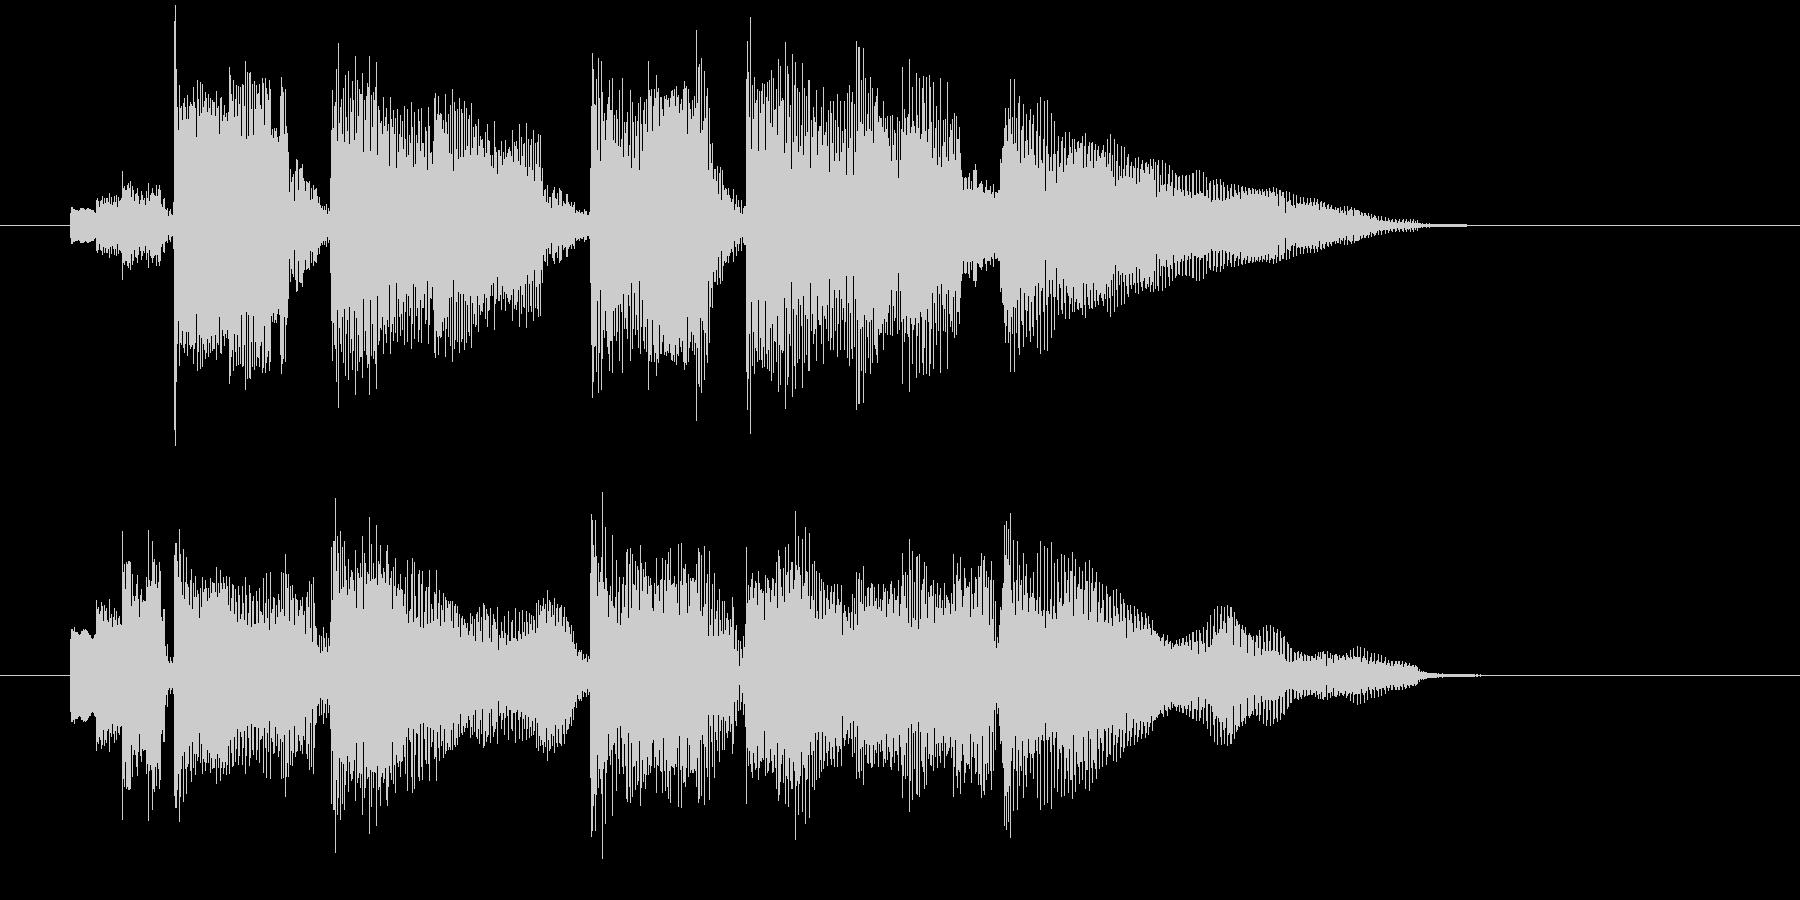 優しい音色のアコギとエレピのジングル曲の未再生の波形